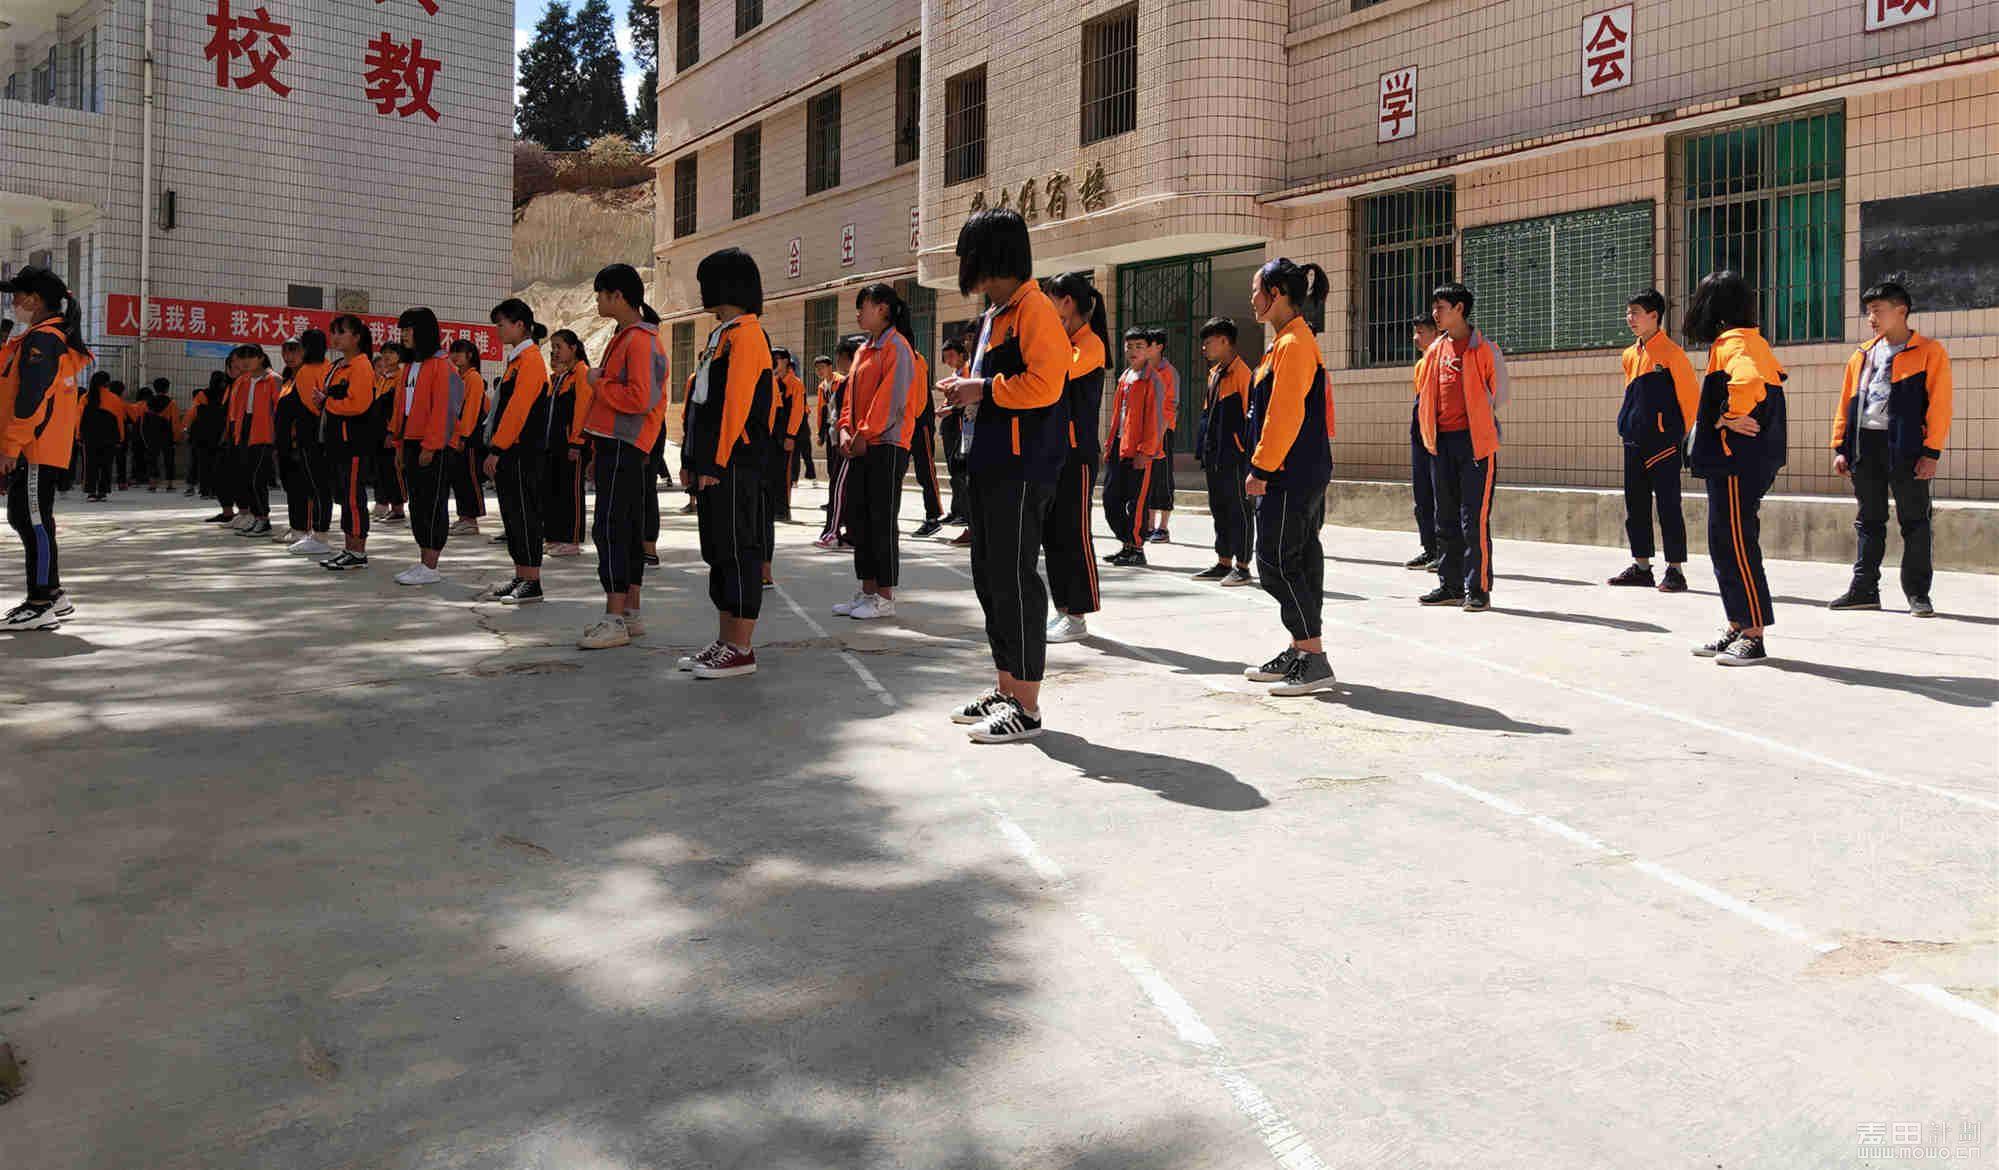 我们的两位志愿者舞蹈老师开始教孩子们跳舞,一个老师教一个班,轮流交换。 ...